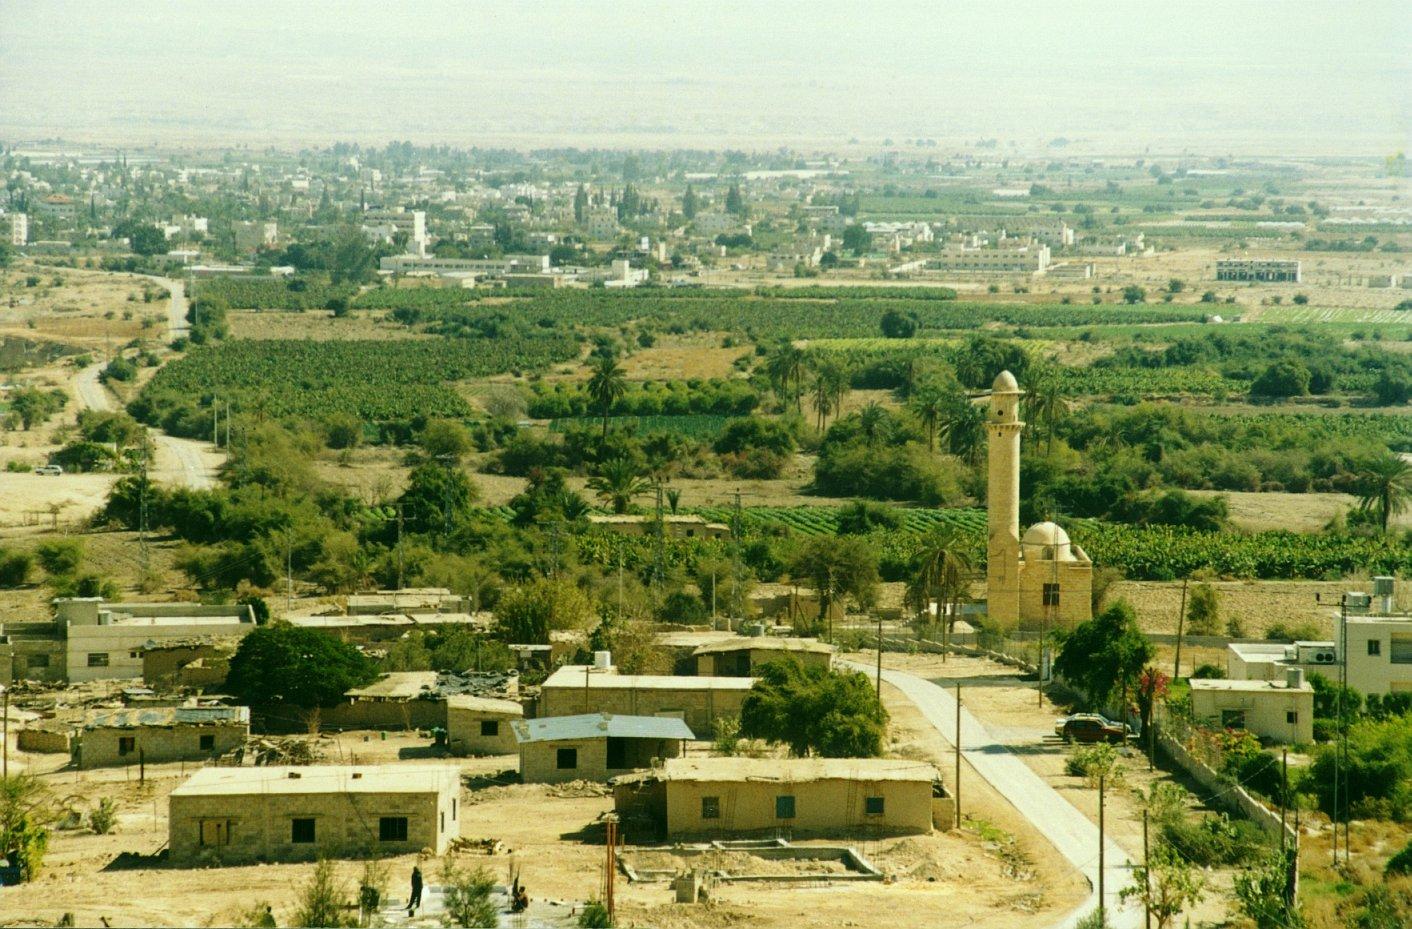 http://3.bp.blogspot.com/-0hnc7Btm1Yg/TdxRULtQt_I/AAAAAAAACzw/1uvgrt-swfY/s1600/Palestine-Jericho.jpg